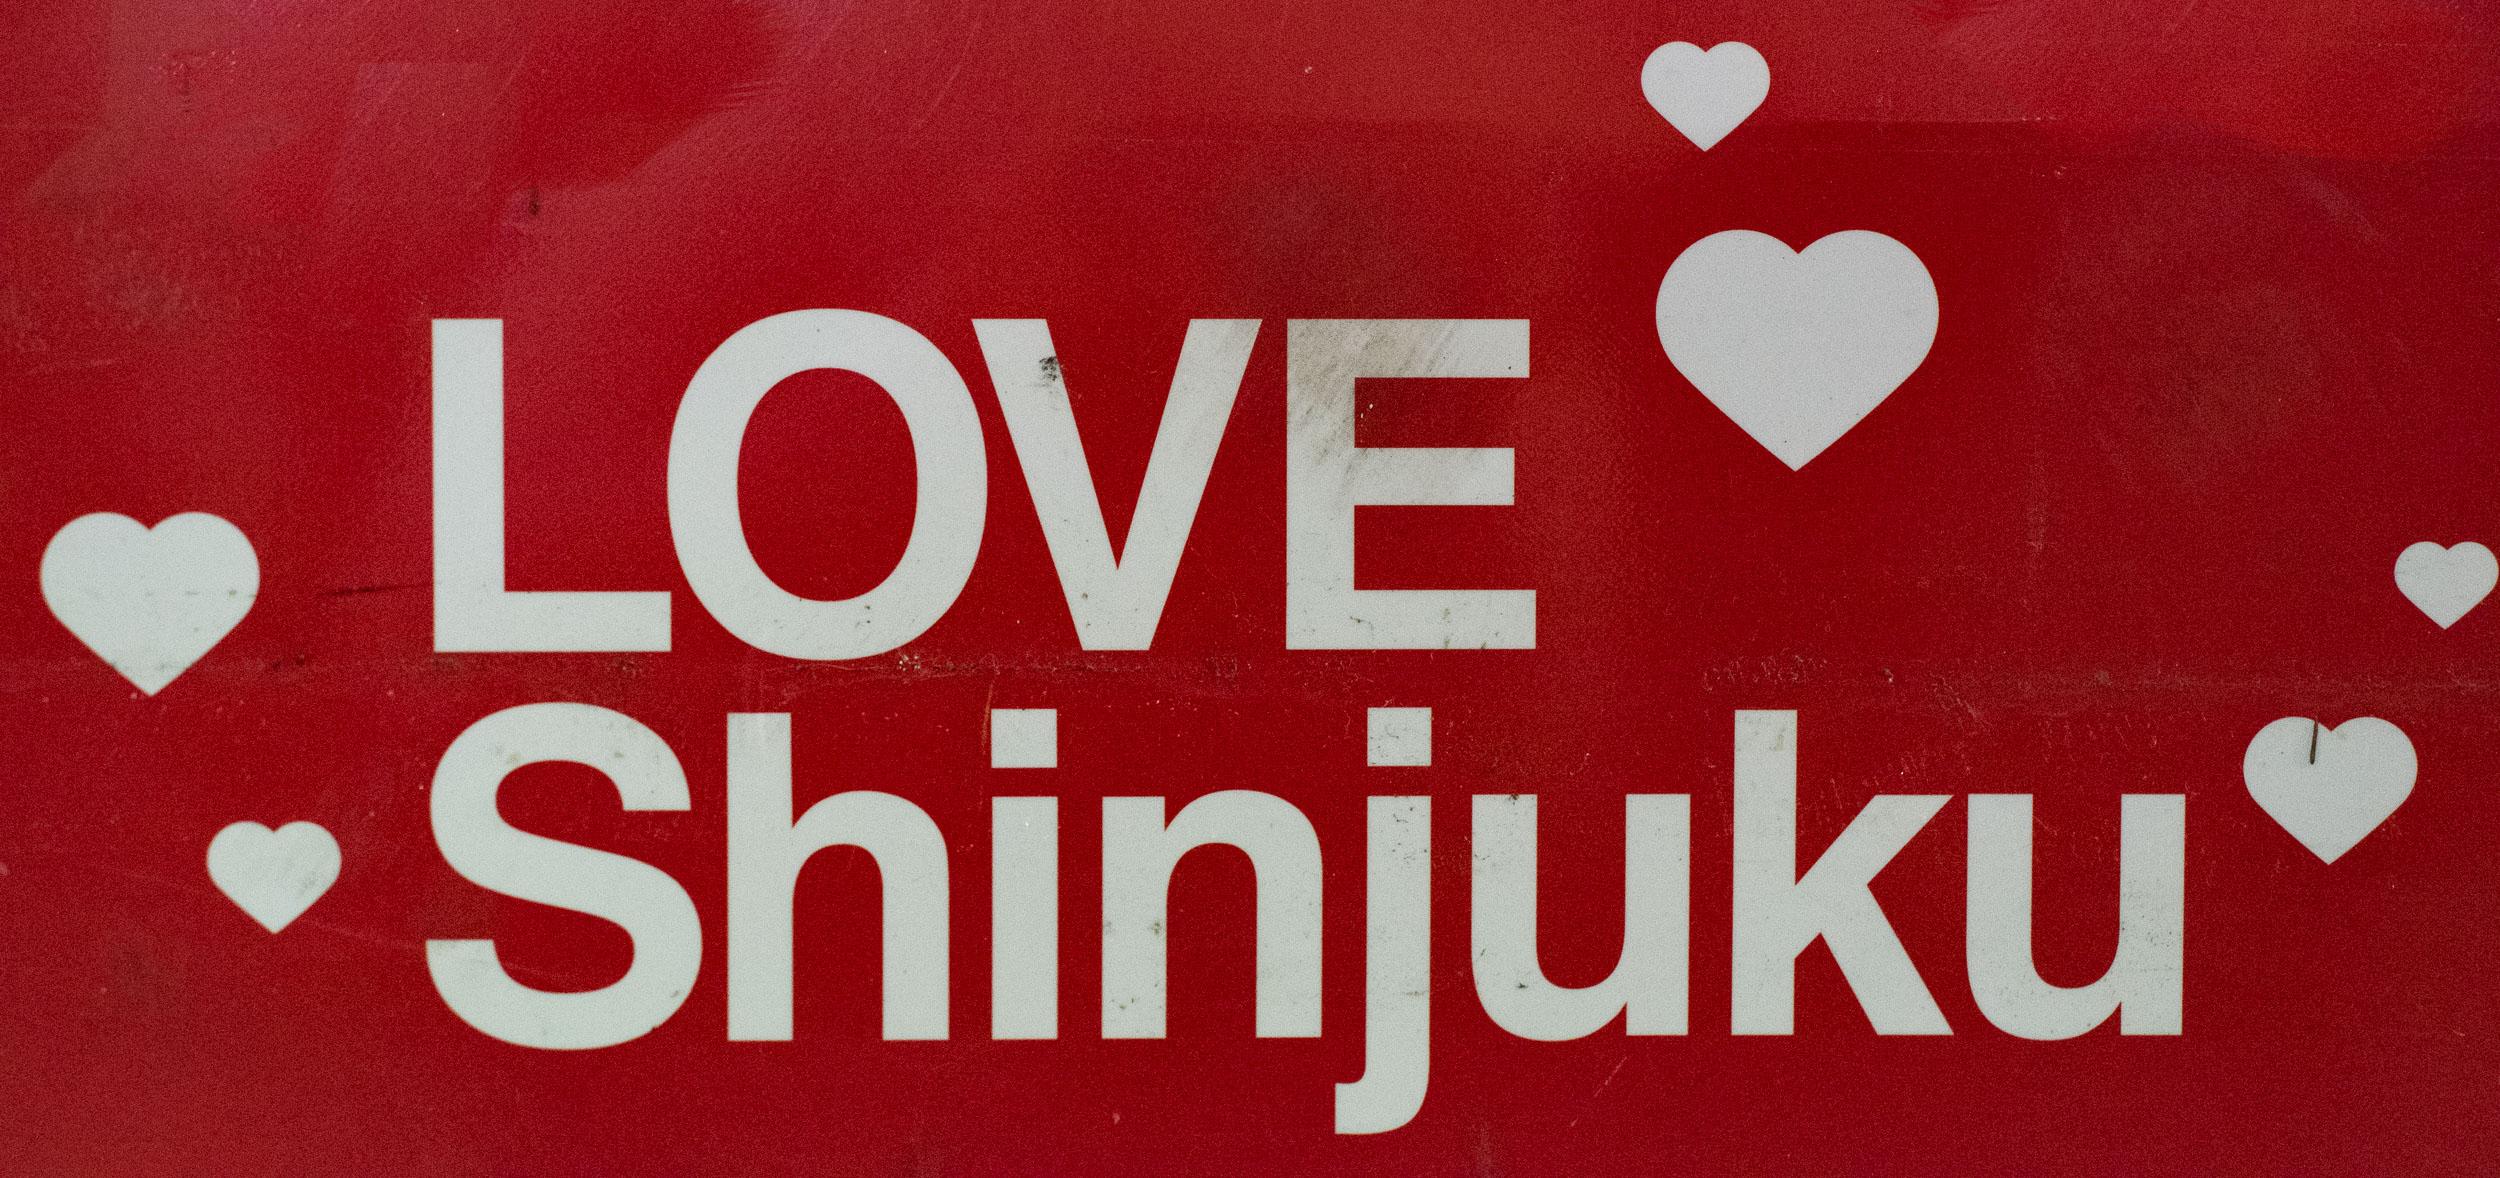 Love Shinjuku.jpg